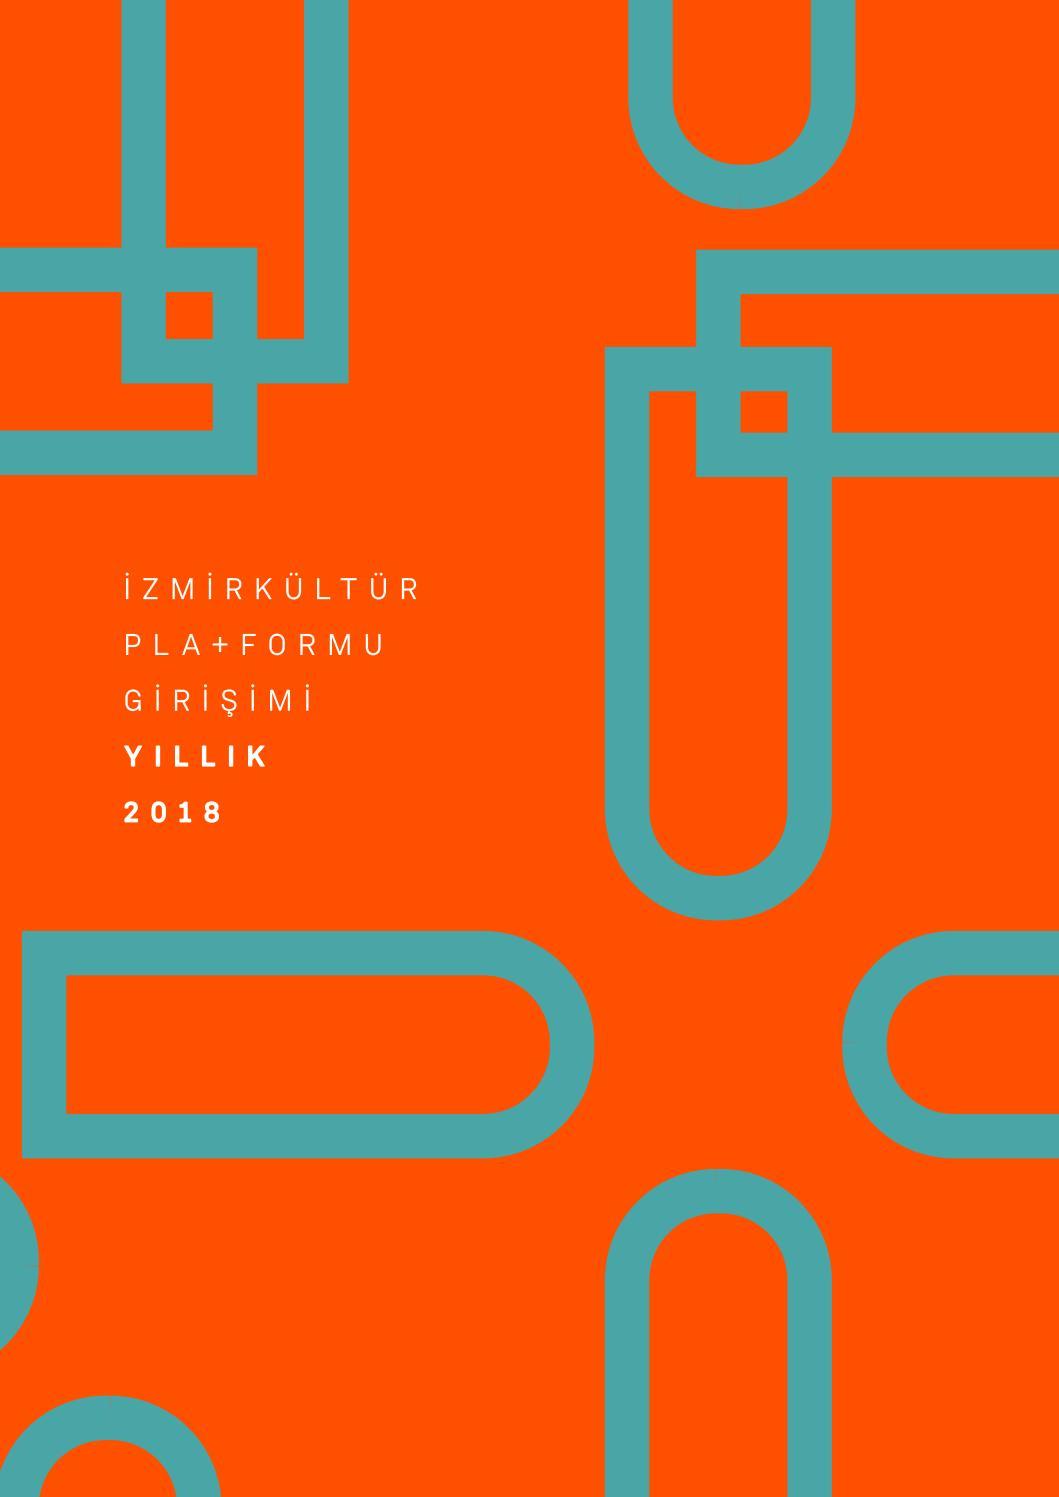 Ikpg Yillik 2018 By Izmirkulturpla Formugirisimi Issuu